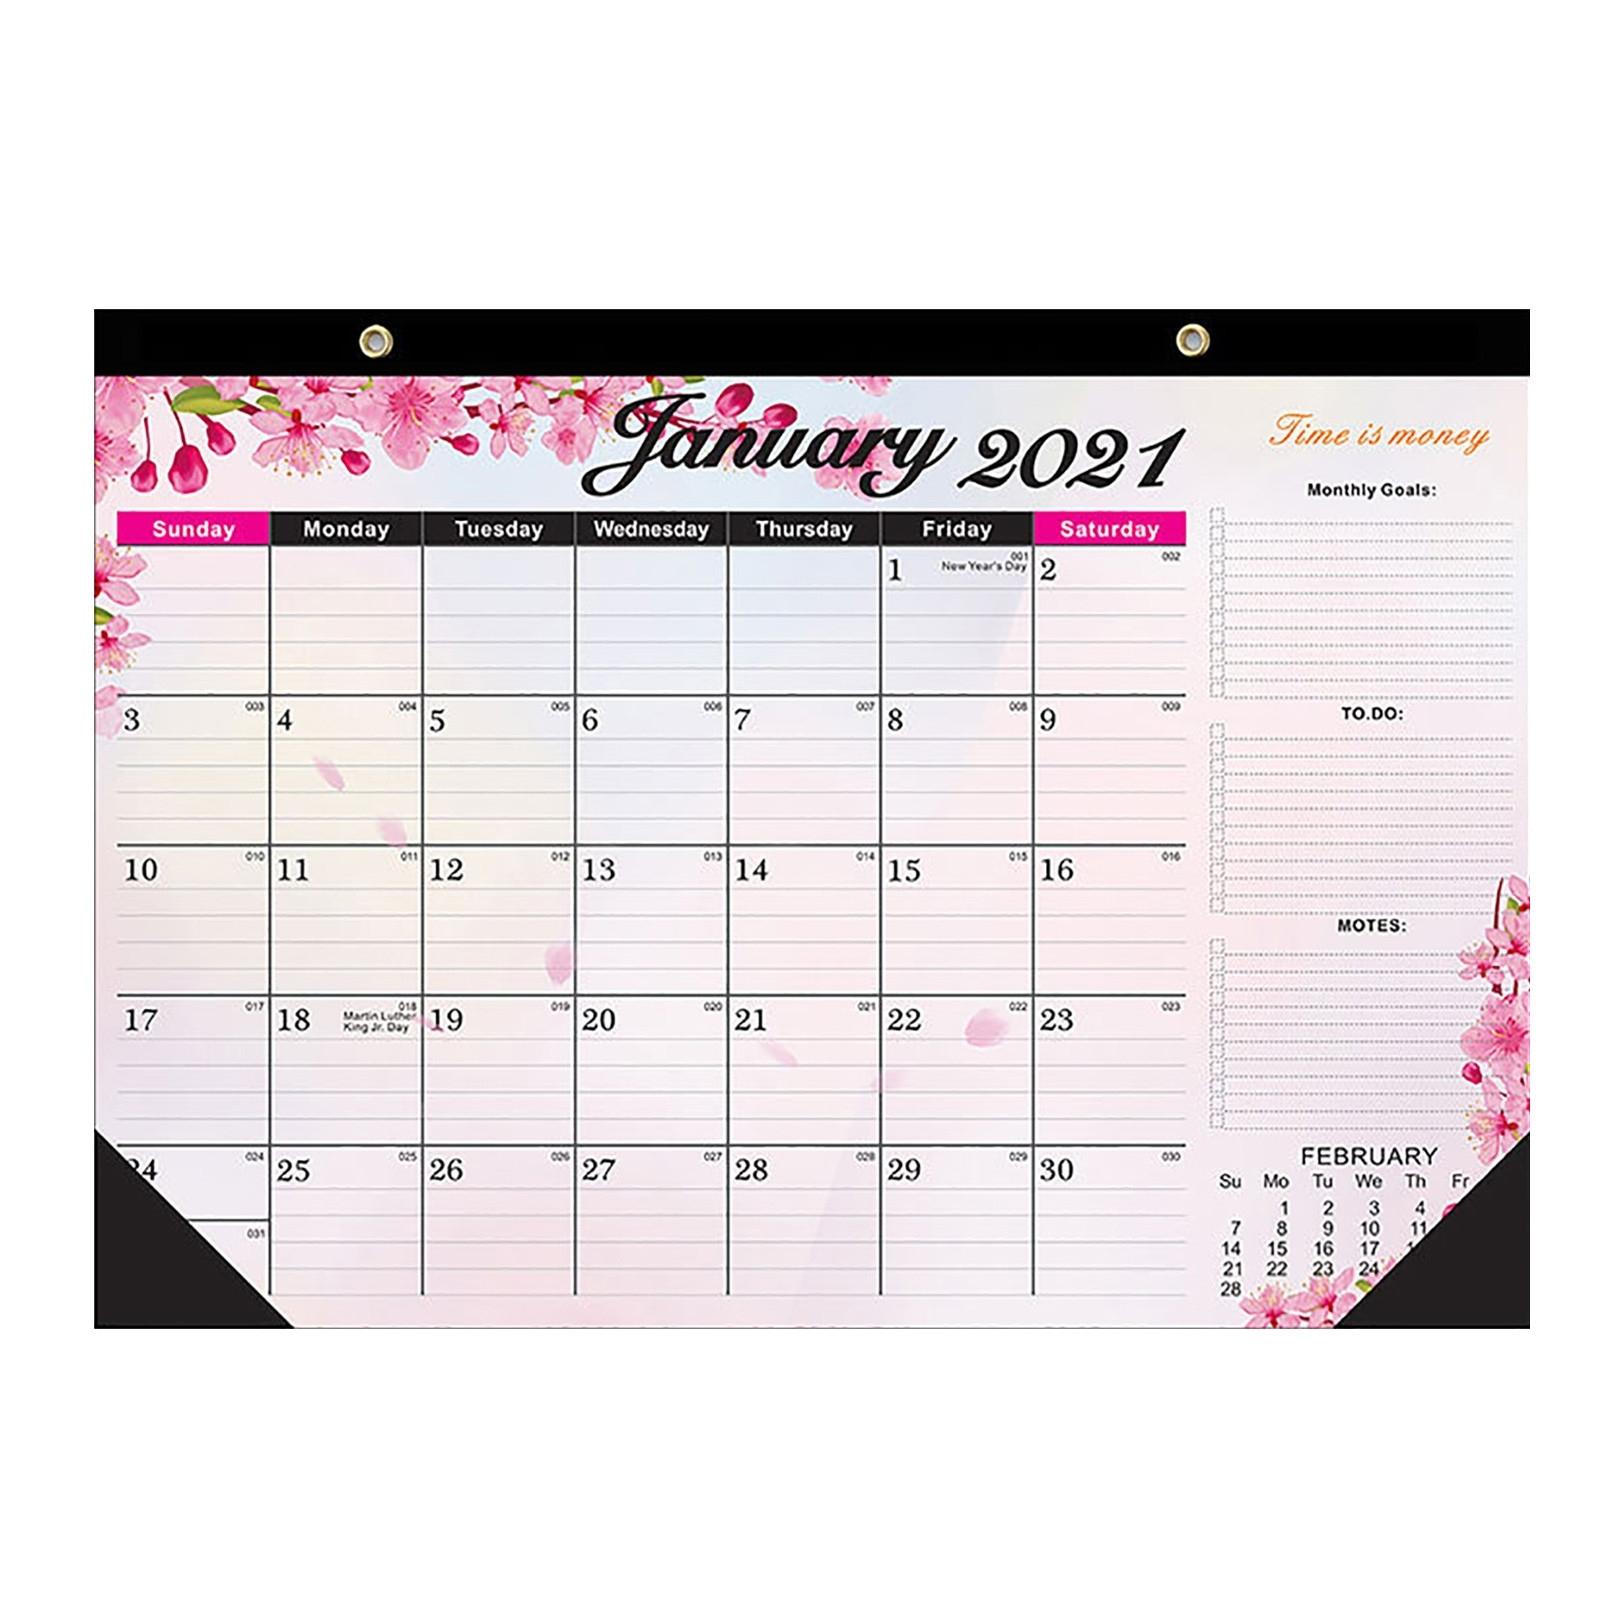 Get Feed Your Mind Julian Calendar